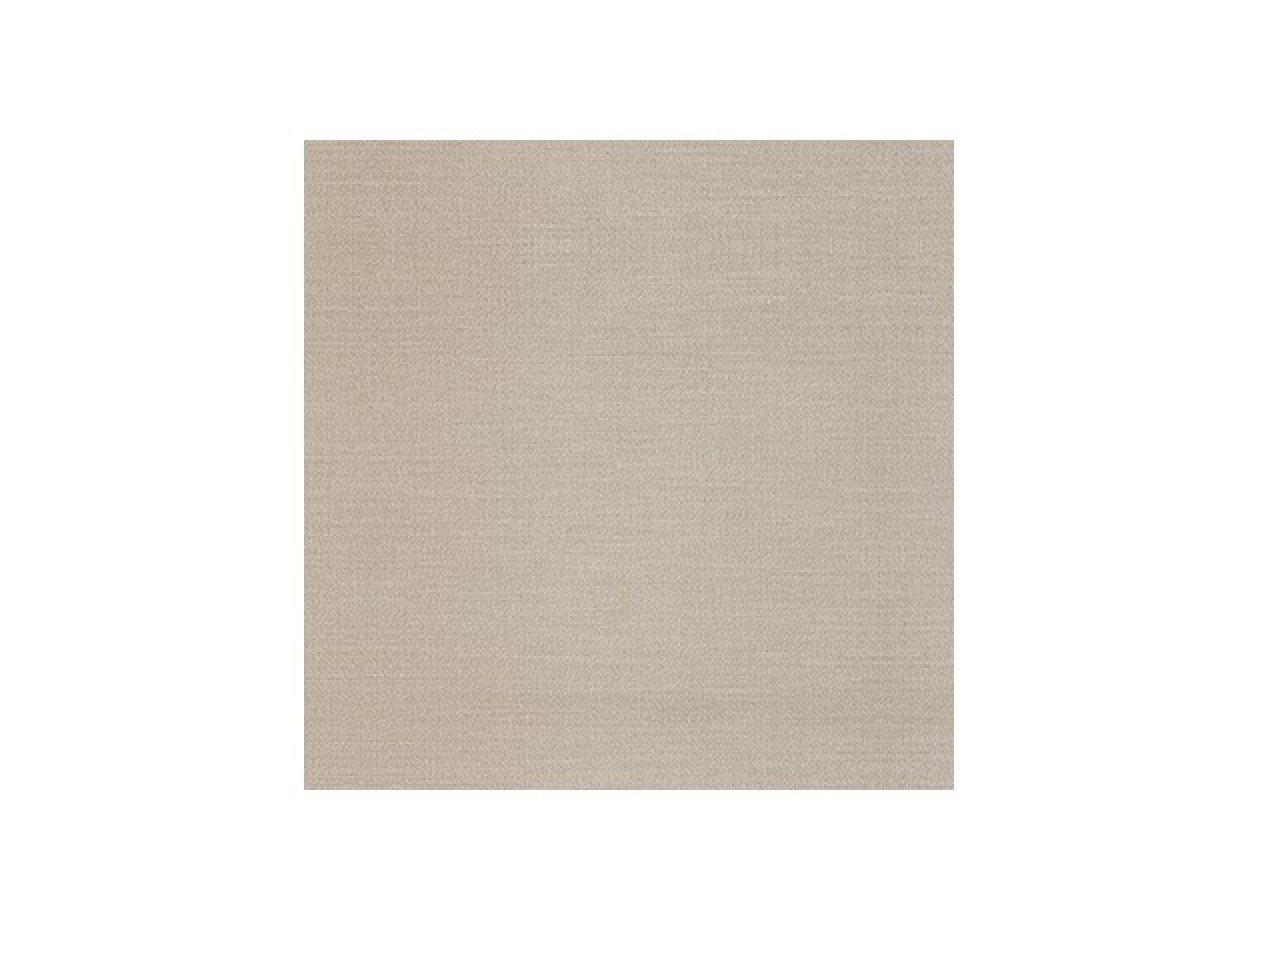 Напольная плитка Room Cord 60x60